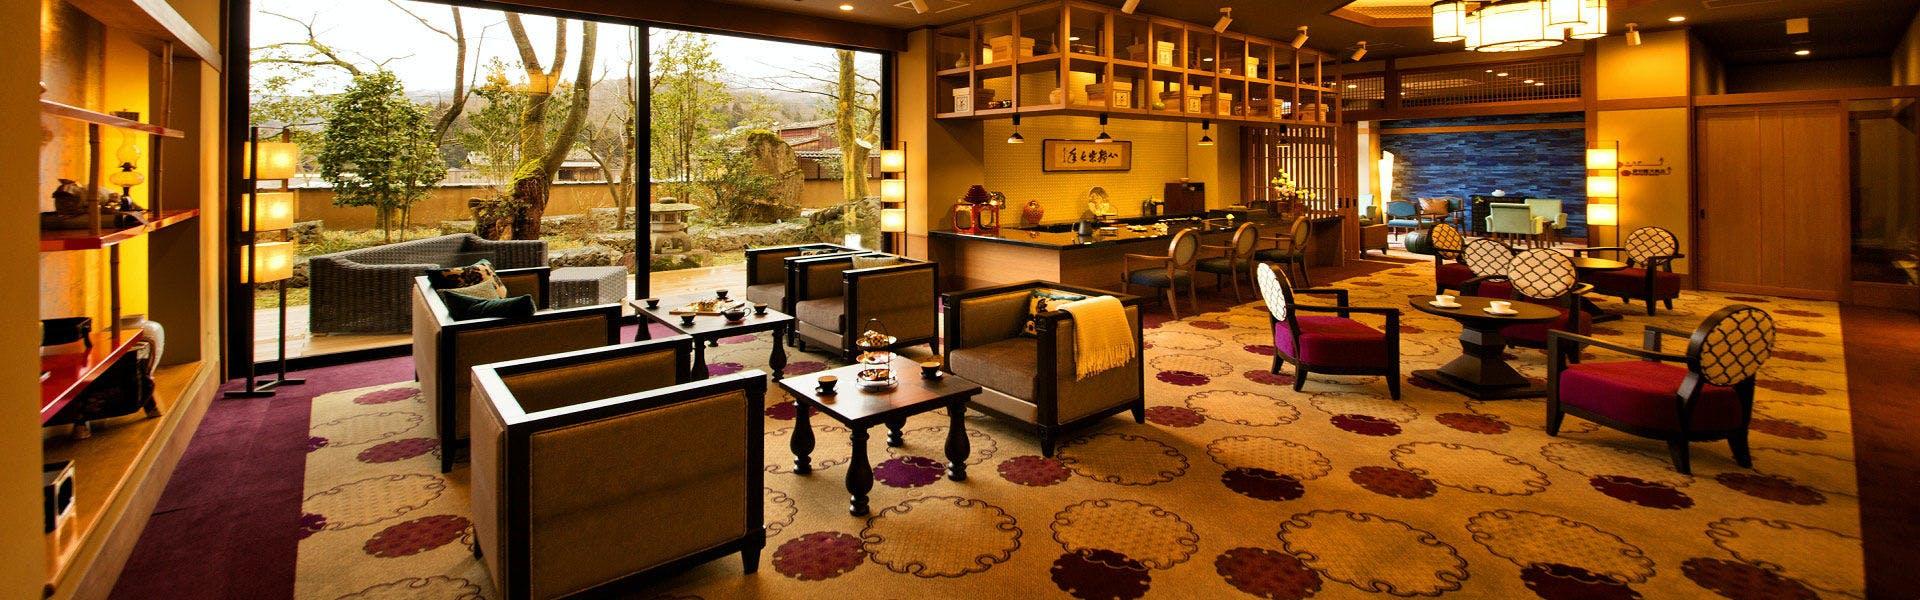 記念日におすすめのホテル・金沢湯涌温泉 百楽荘の写真1